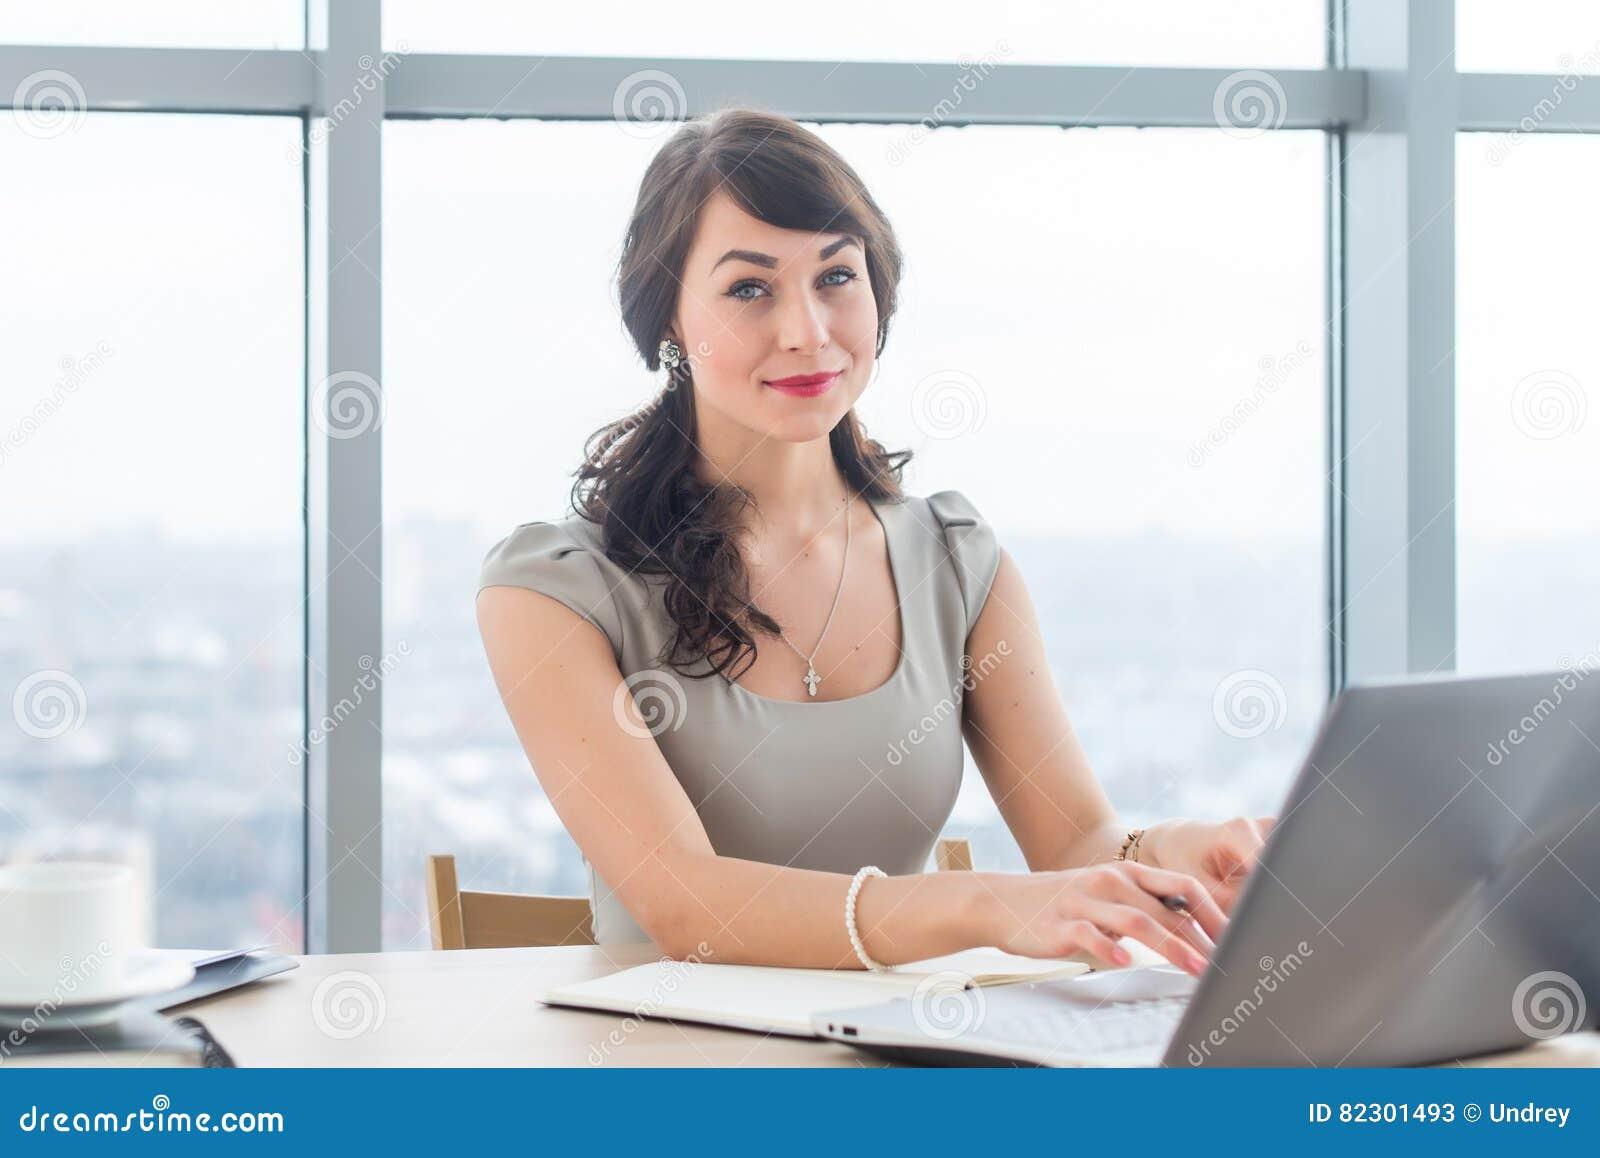 Όμορφο θηλυκό κάθισμα copywriter στην αρχή, δακτυλογραφώντας το νέο άρθρο, που λειτουργεί με το κείμενο, που χρησιμοποιεί το lap-